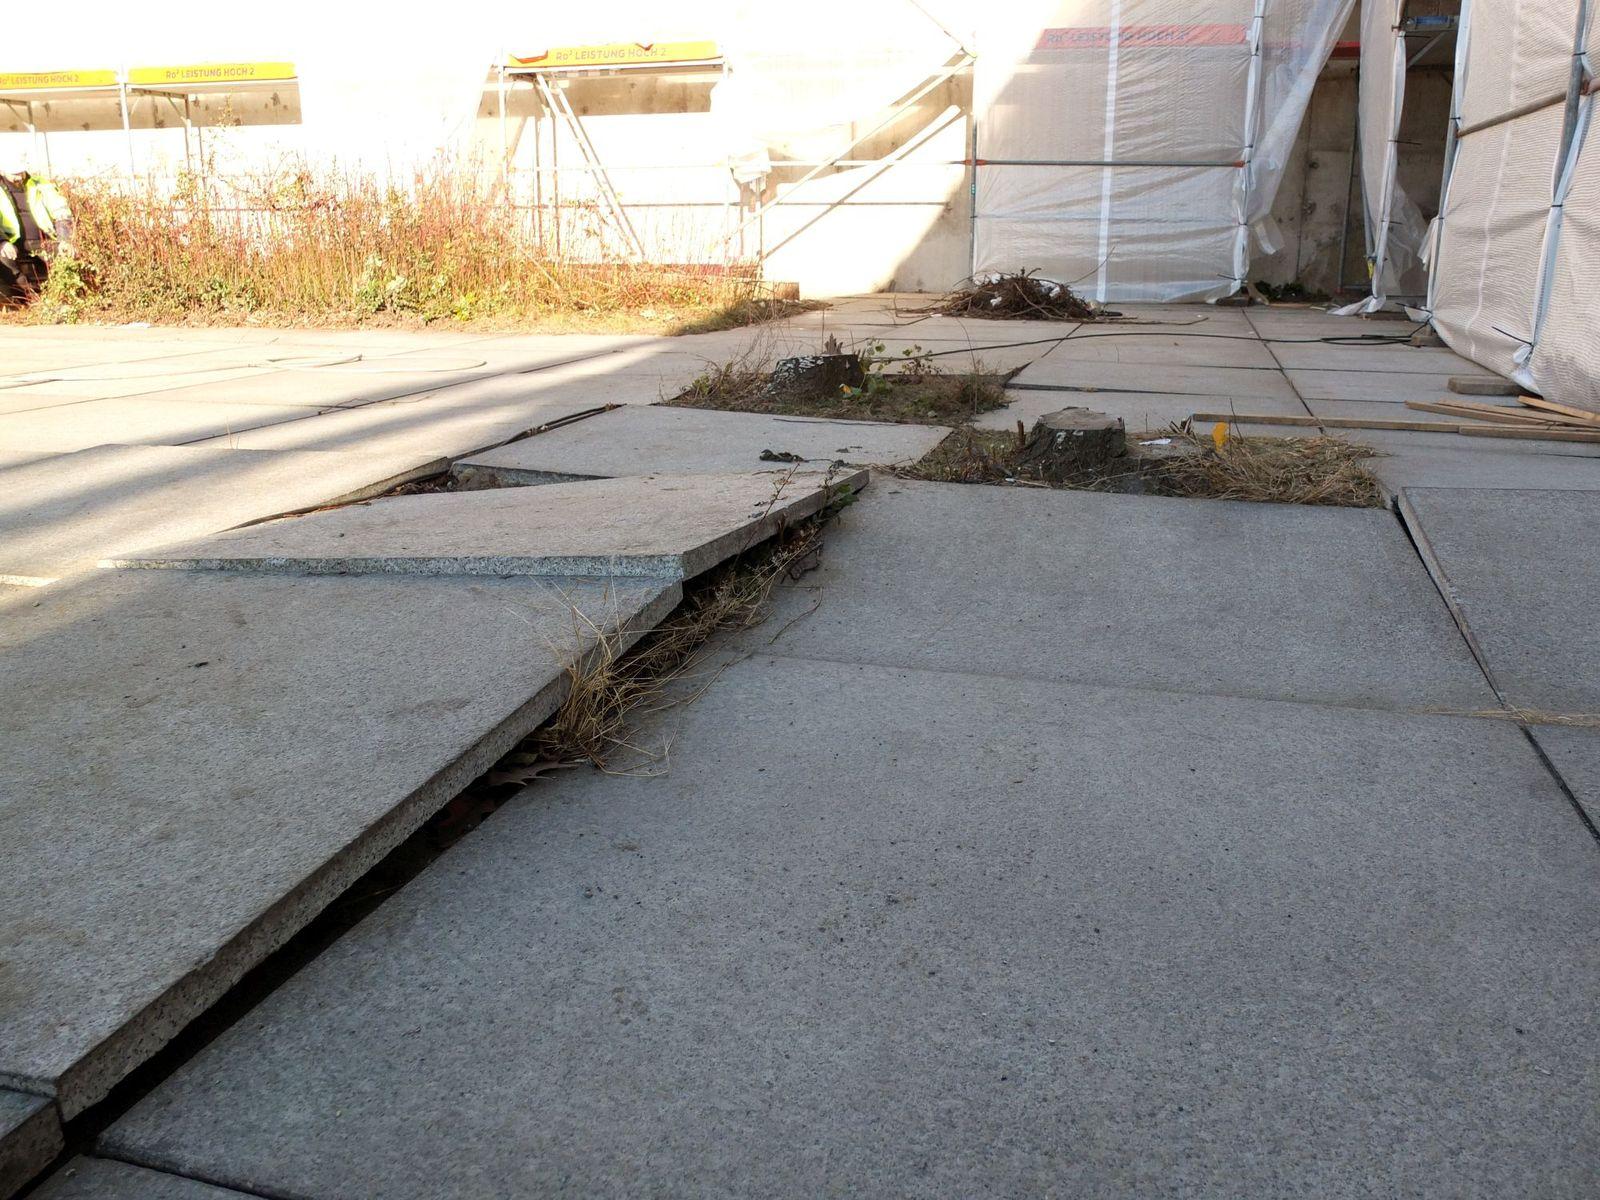 Angehobene Platten und Verwerfungen im Bodenbelag im Skulpturengarten, Foto: schmedding.vonmarlin.